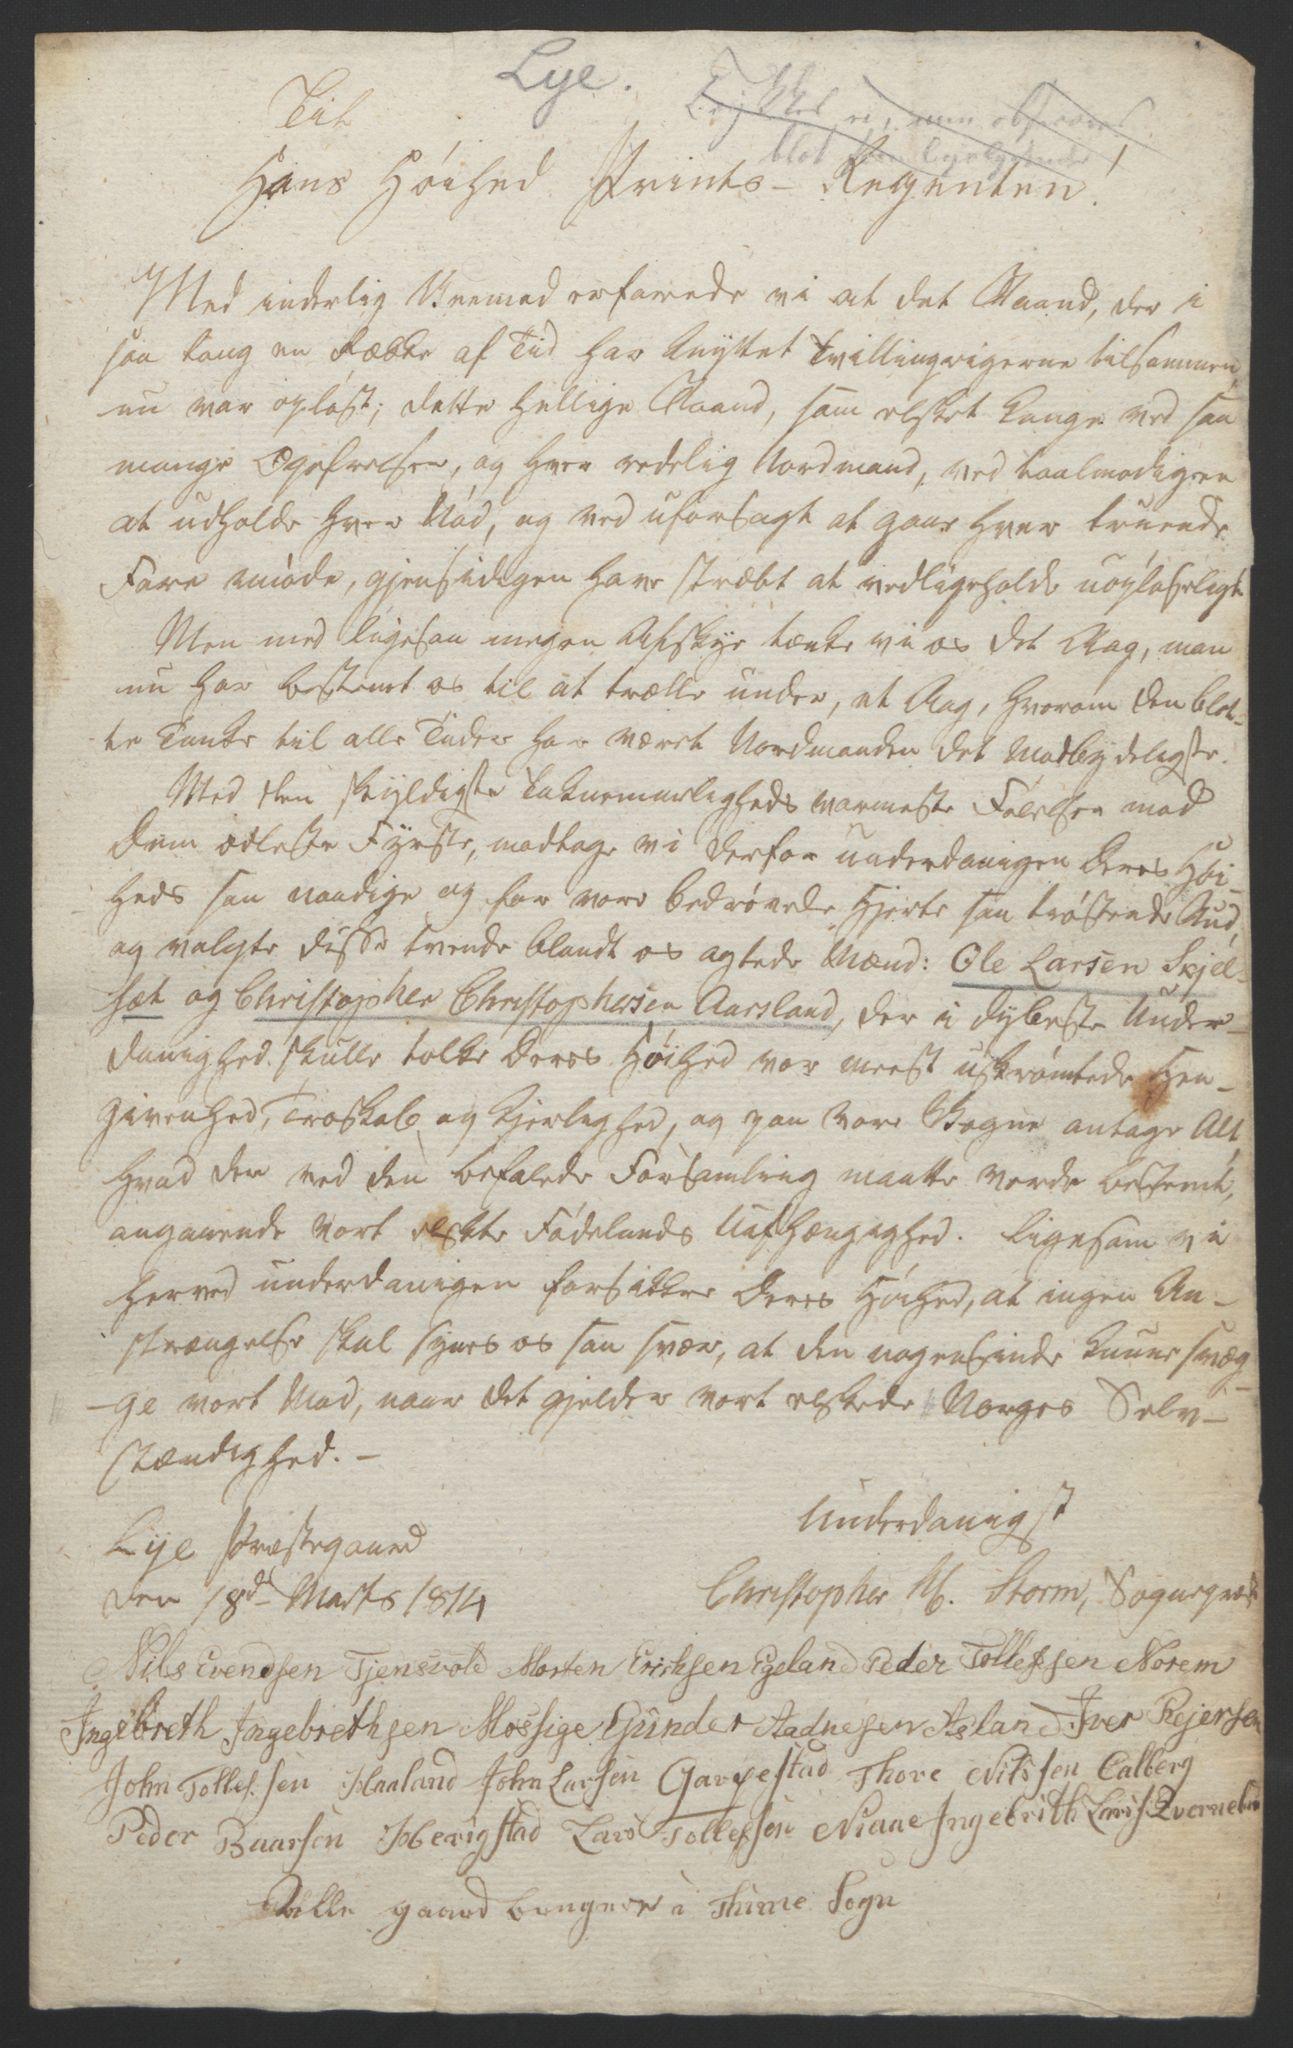 RA, Statsrådssekretariatet, D/Db/L0008: Fullmakter for Eidsvollsrepresentantene i 1814. , 1814, s. 234